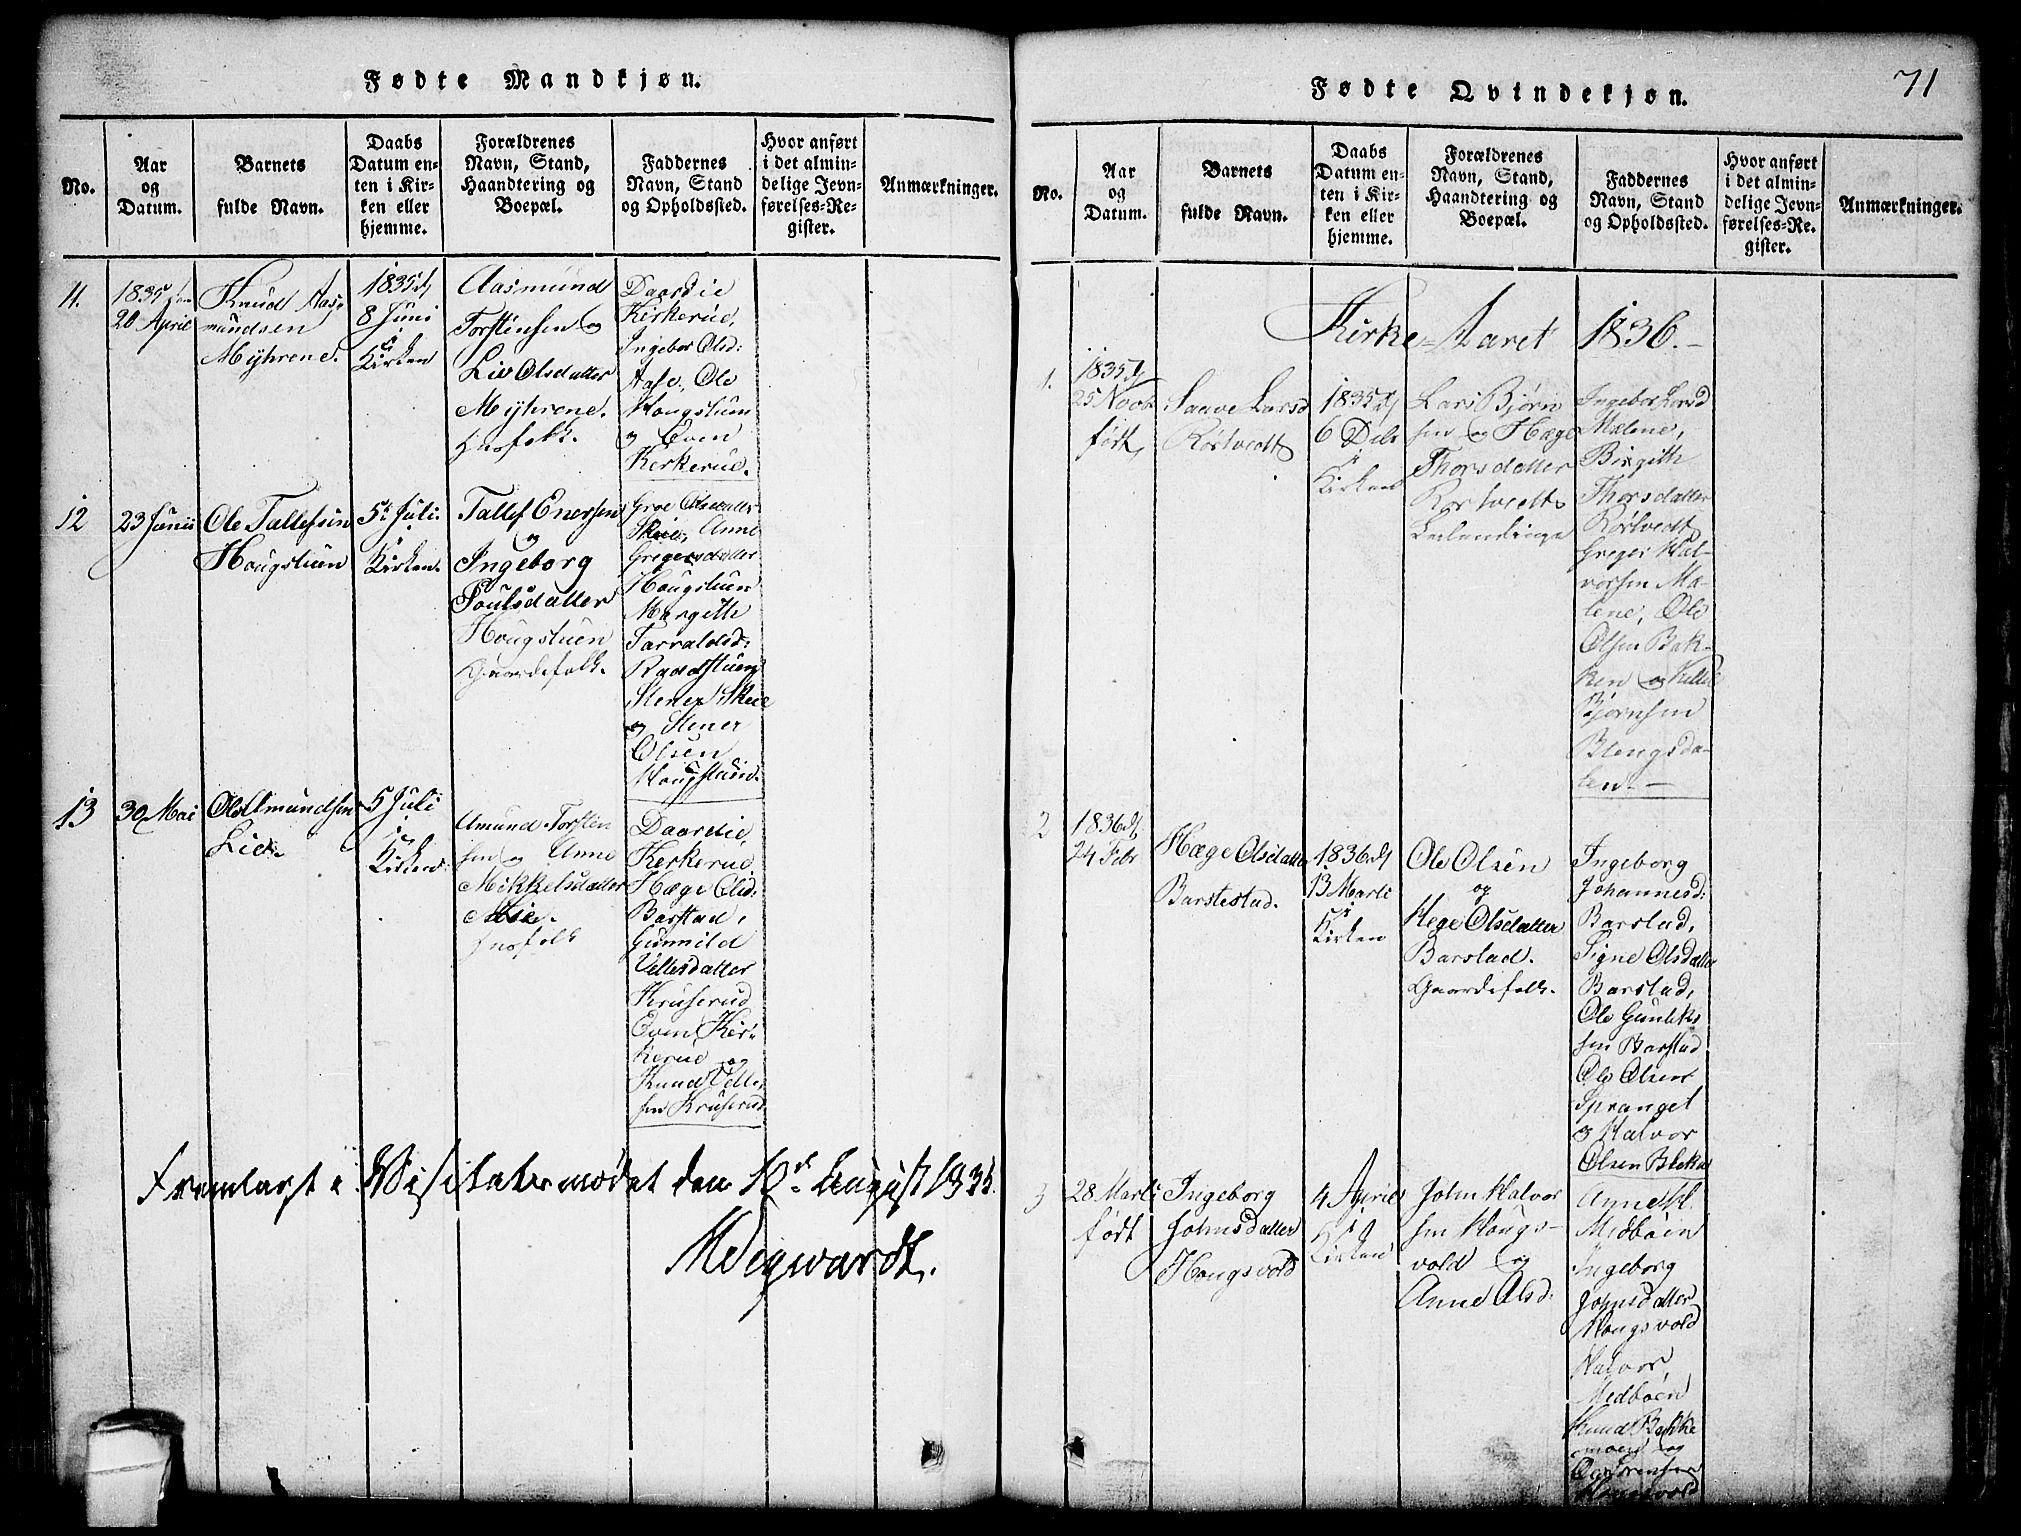 SAKO, Seljord kirkebøker, G/Gb/L0002: Klokkerbok nr. II 2, 1815-1854, s. 71